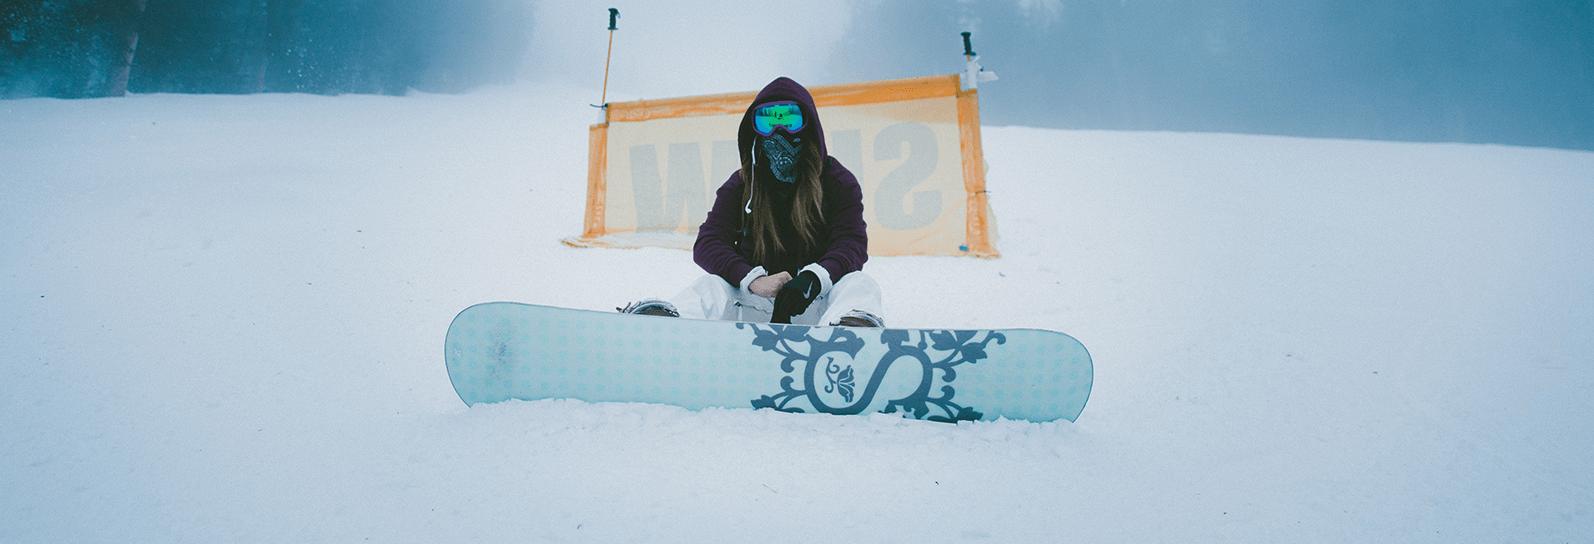 ACAMP SNOWBOARD 9.2